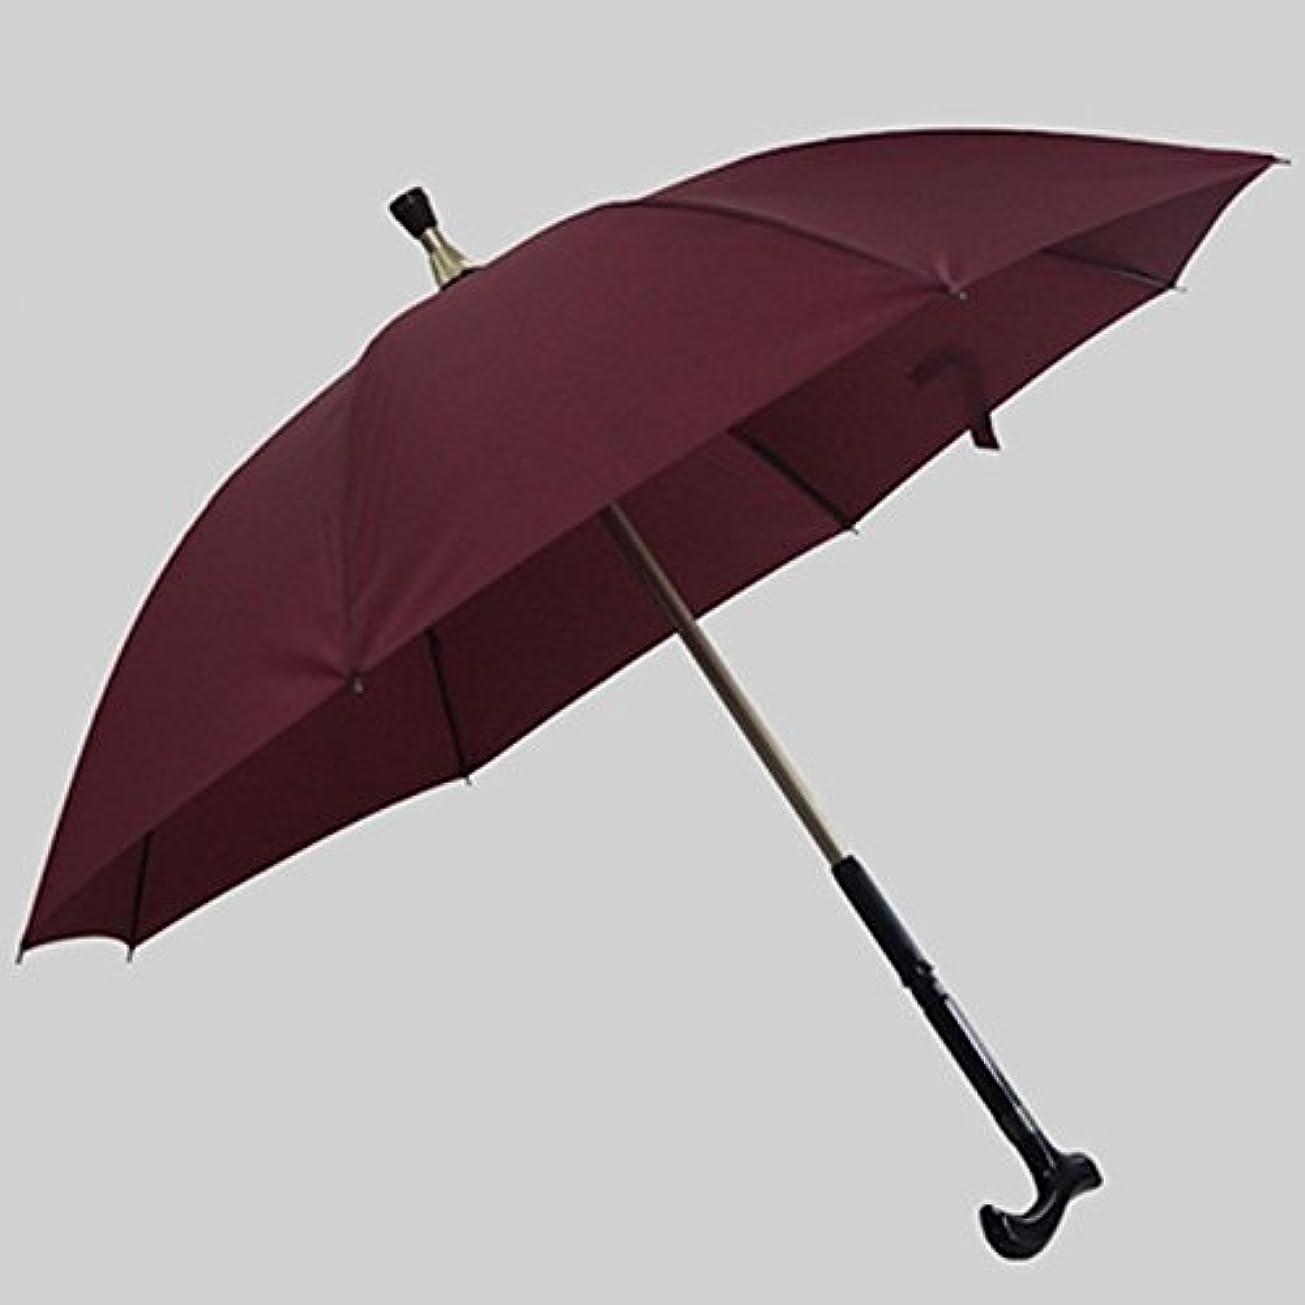 品種推測アピール松葉杖傘ノンスリップ耐摩耗性松葉杖傘二重使用傘クライミング傘多機能傘 (色 : ワインレッド)